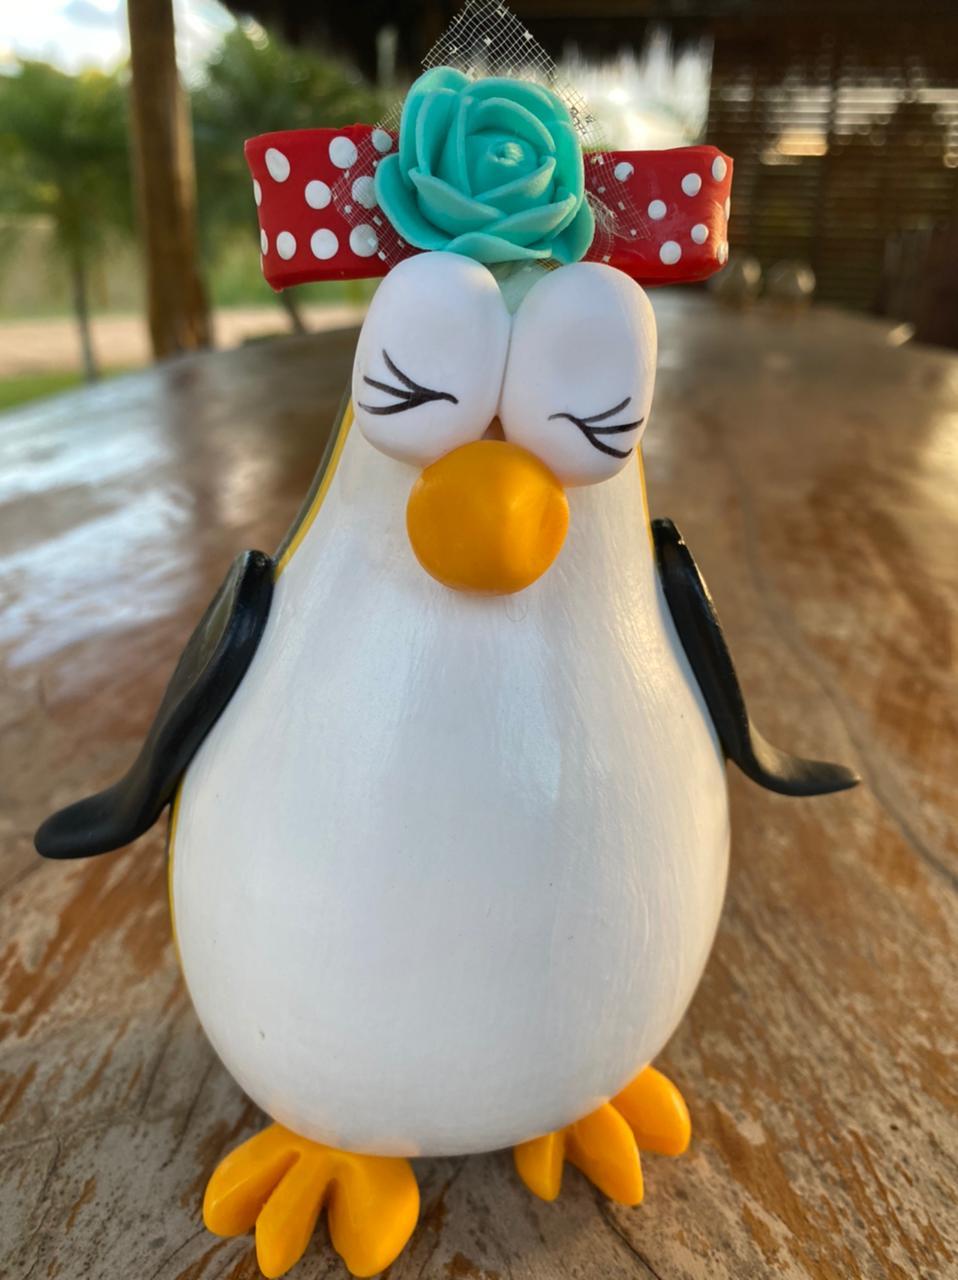 Pinguim Decorativo em Cabaça - Com Lacinho